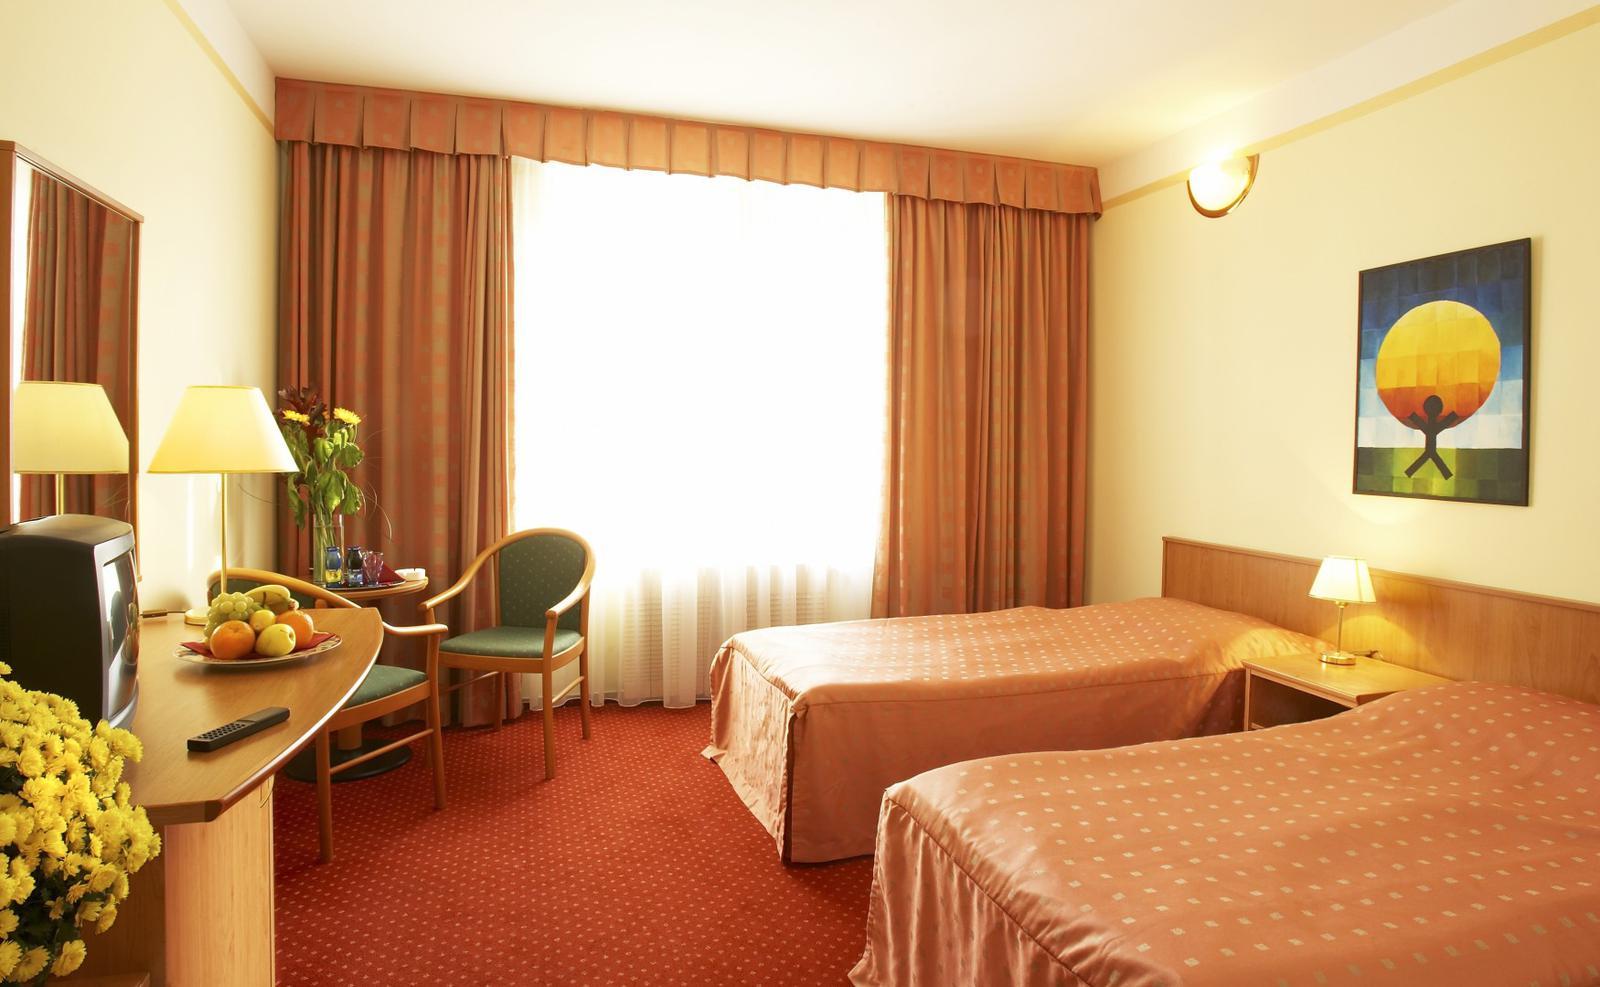 Ein Zimmer des Hotels